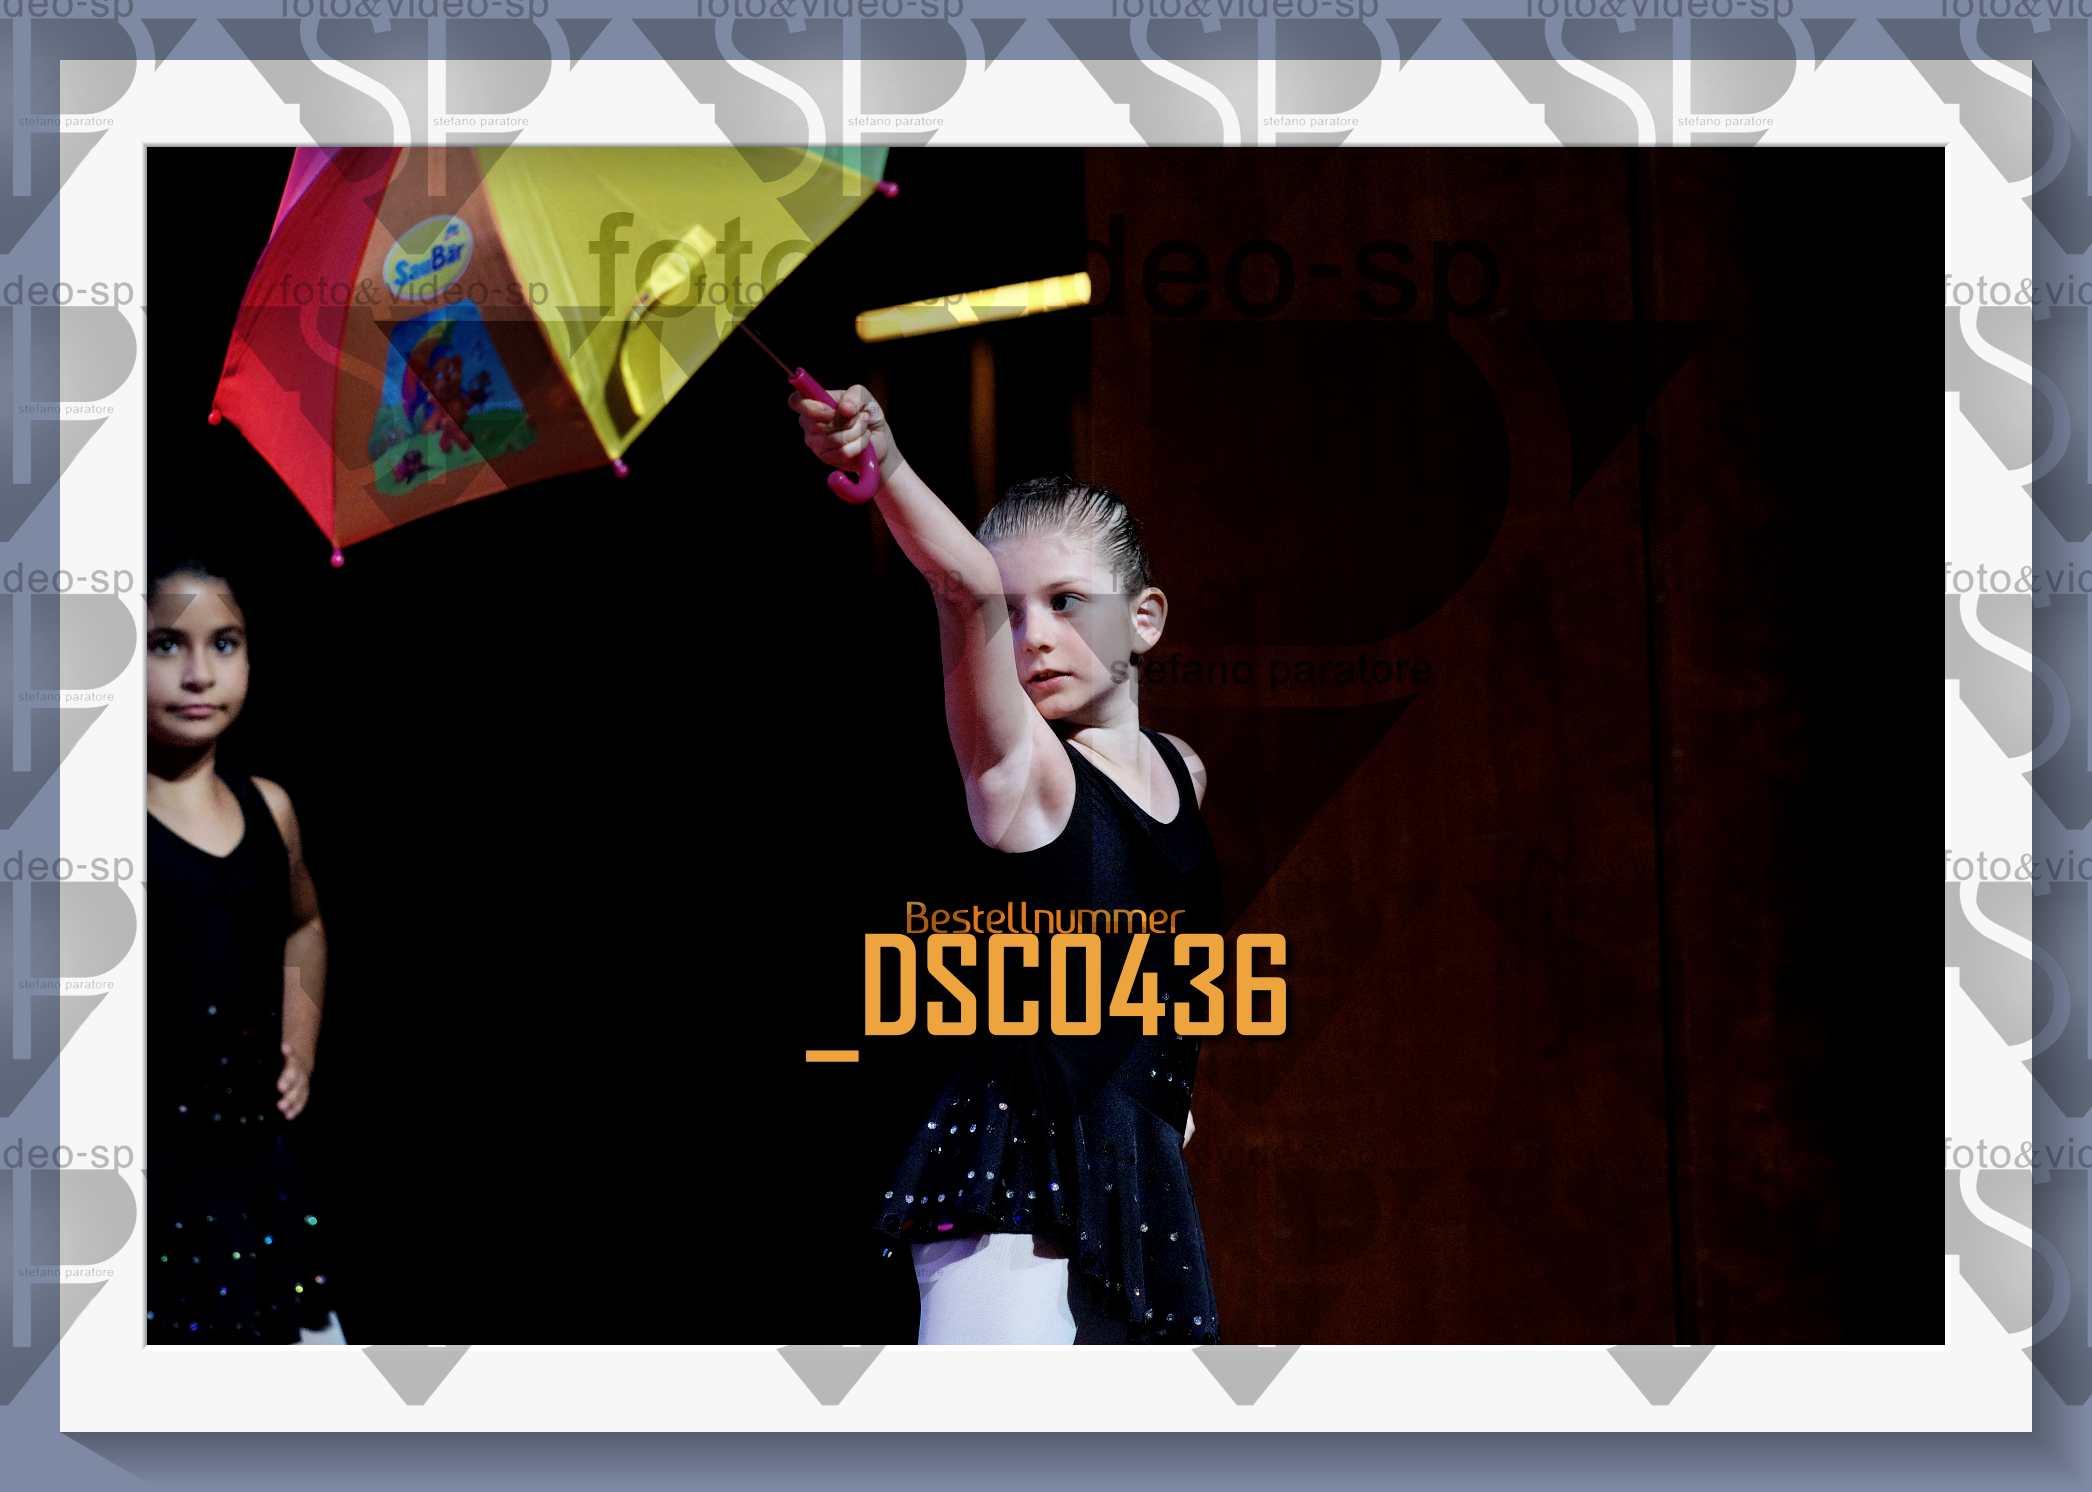 DSC0436